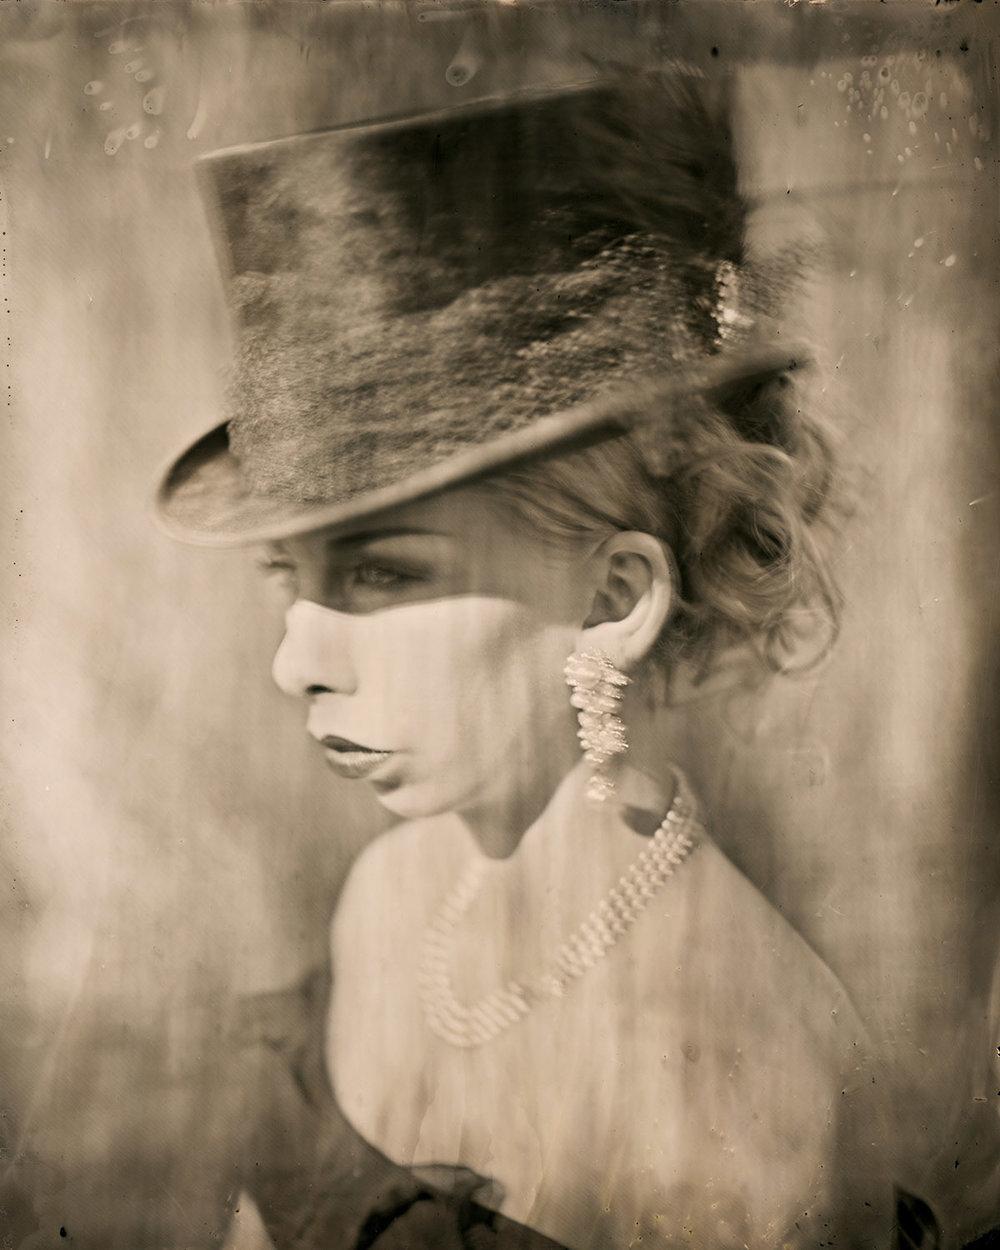 Janne - By:Julie Loen  studiostaastille.no